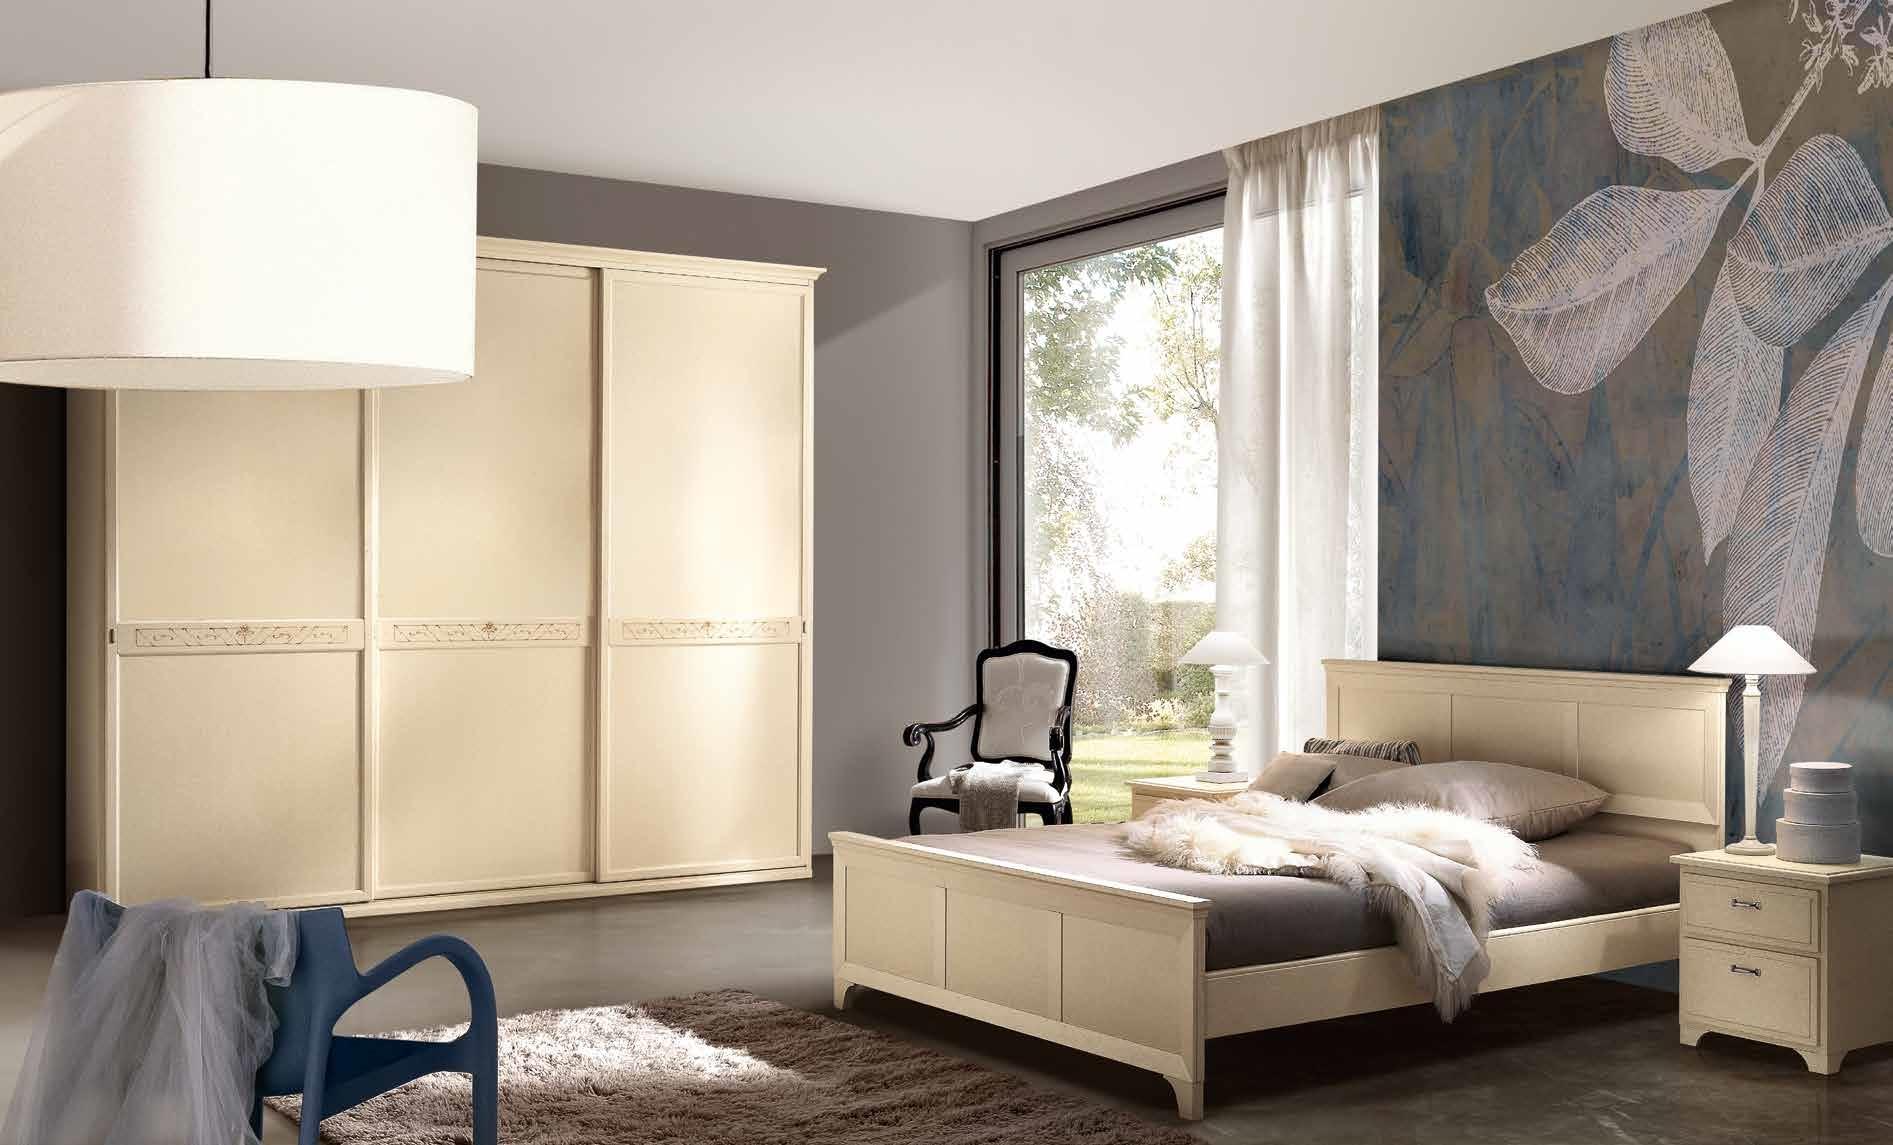 Camere stile giapponese una camera da letto in stile giapponese che si rispetti divider gli - Arredamento camera da letto stile provenzale ...